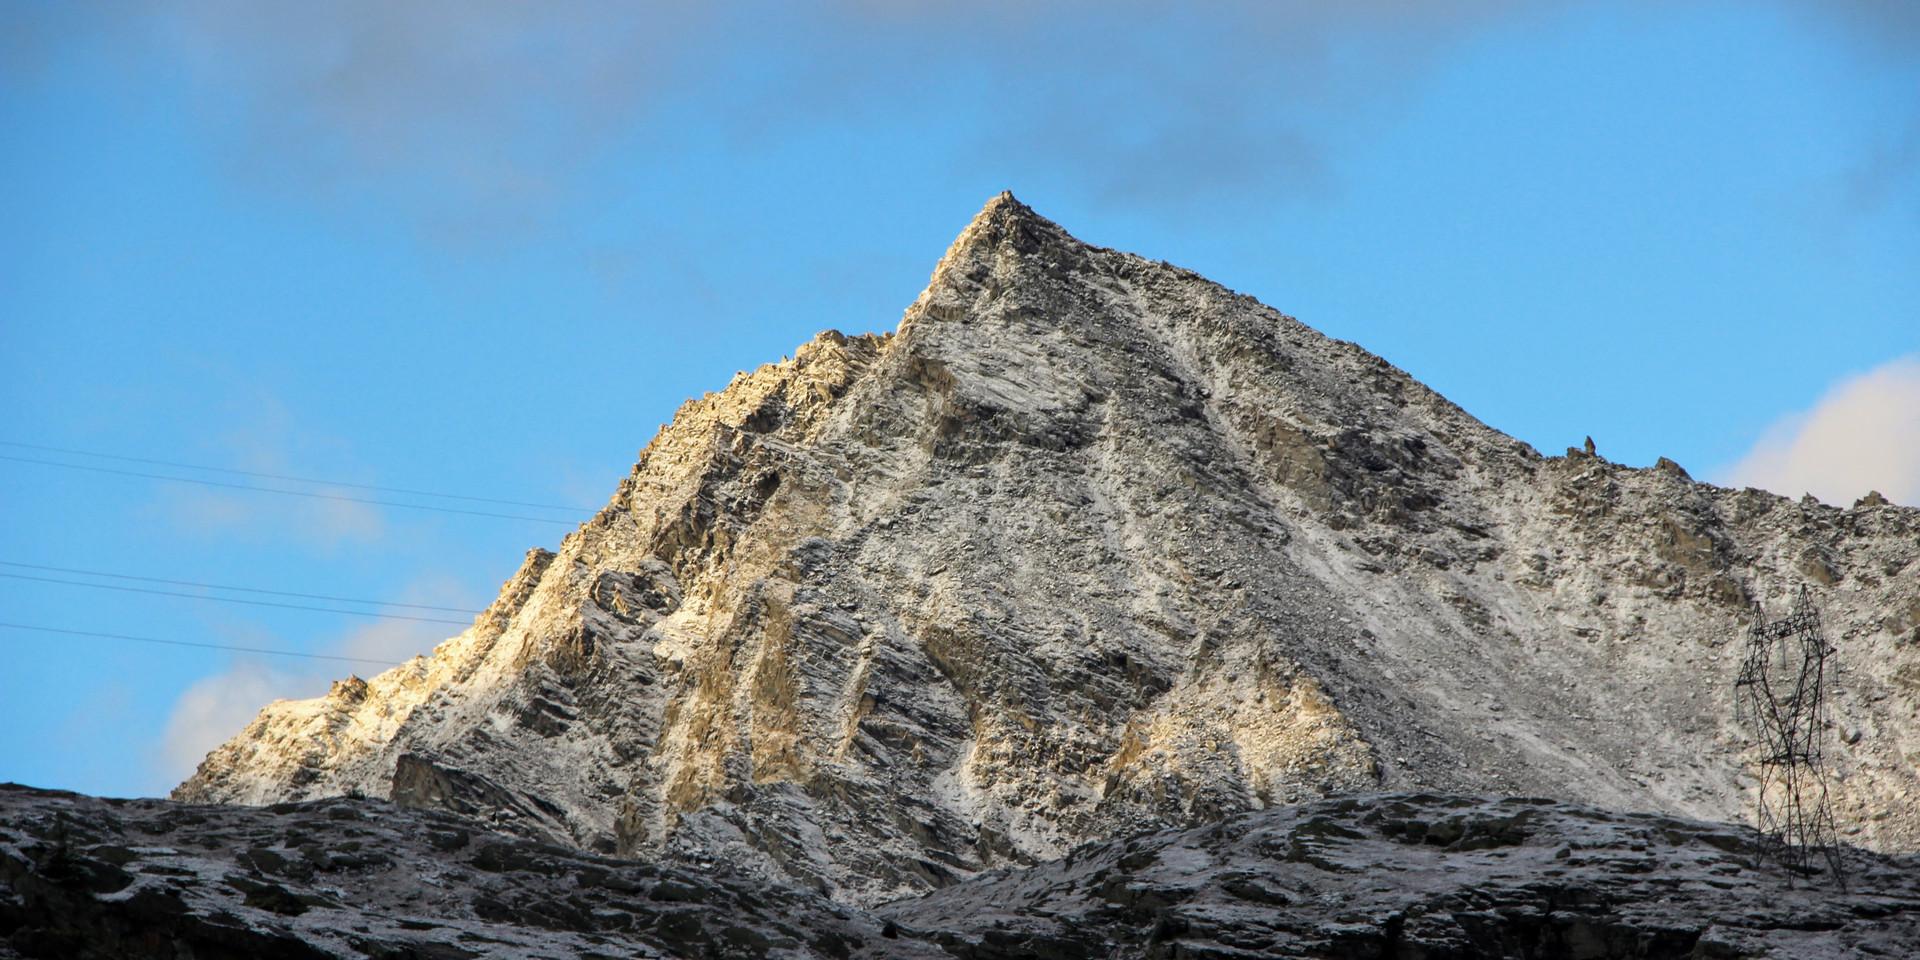 La Roche d'Etache (3088 m)